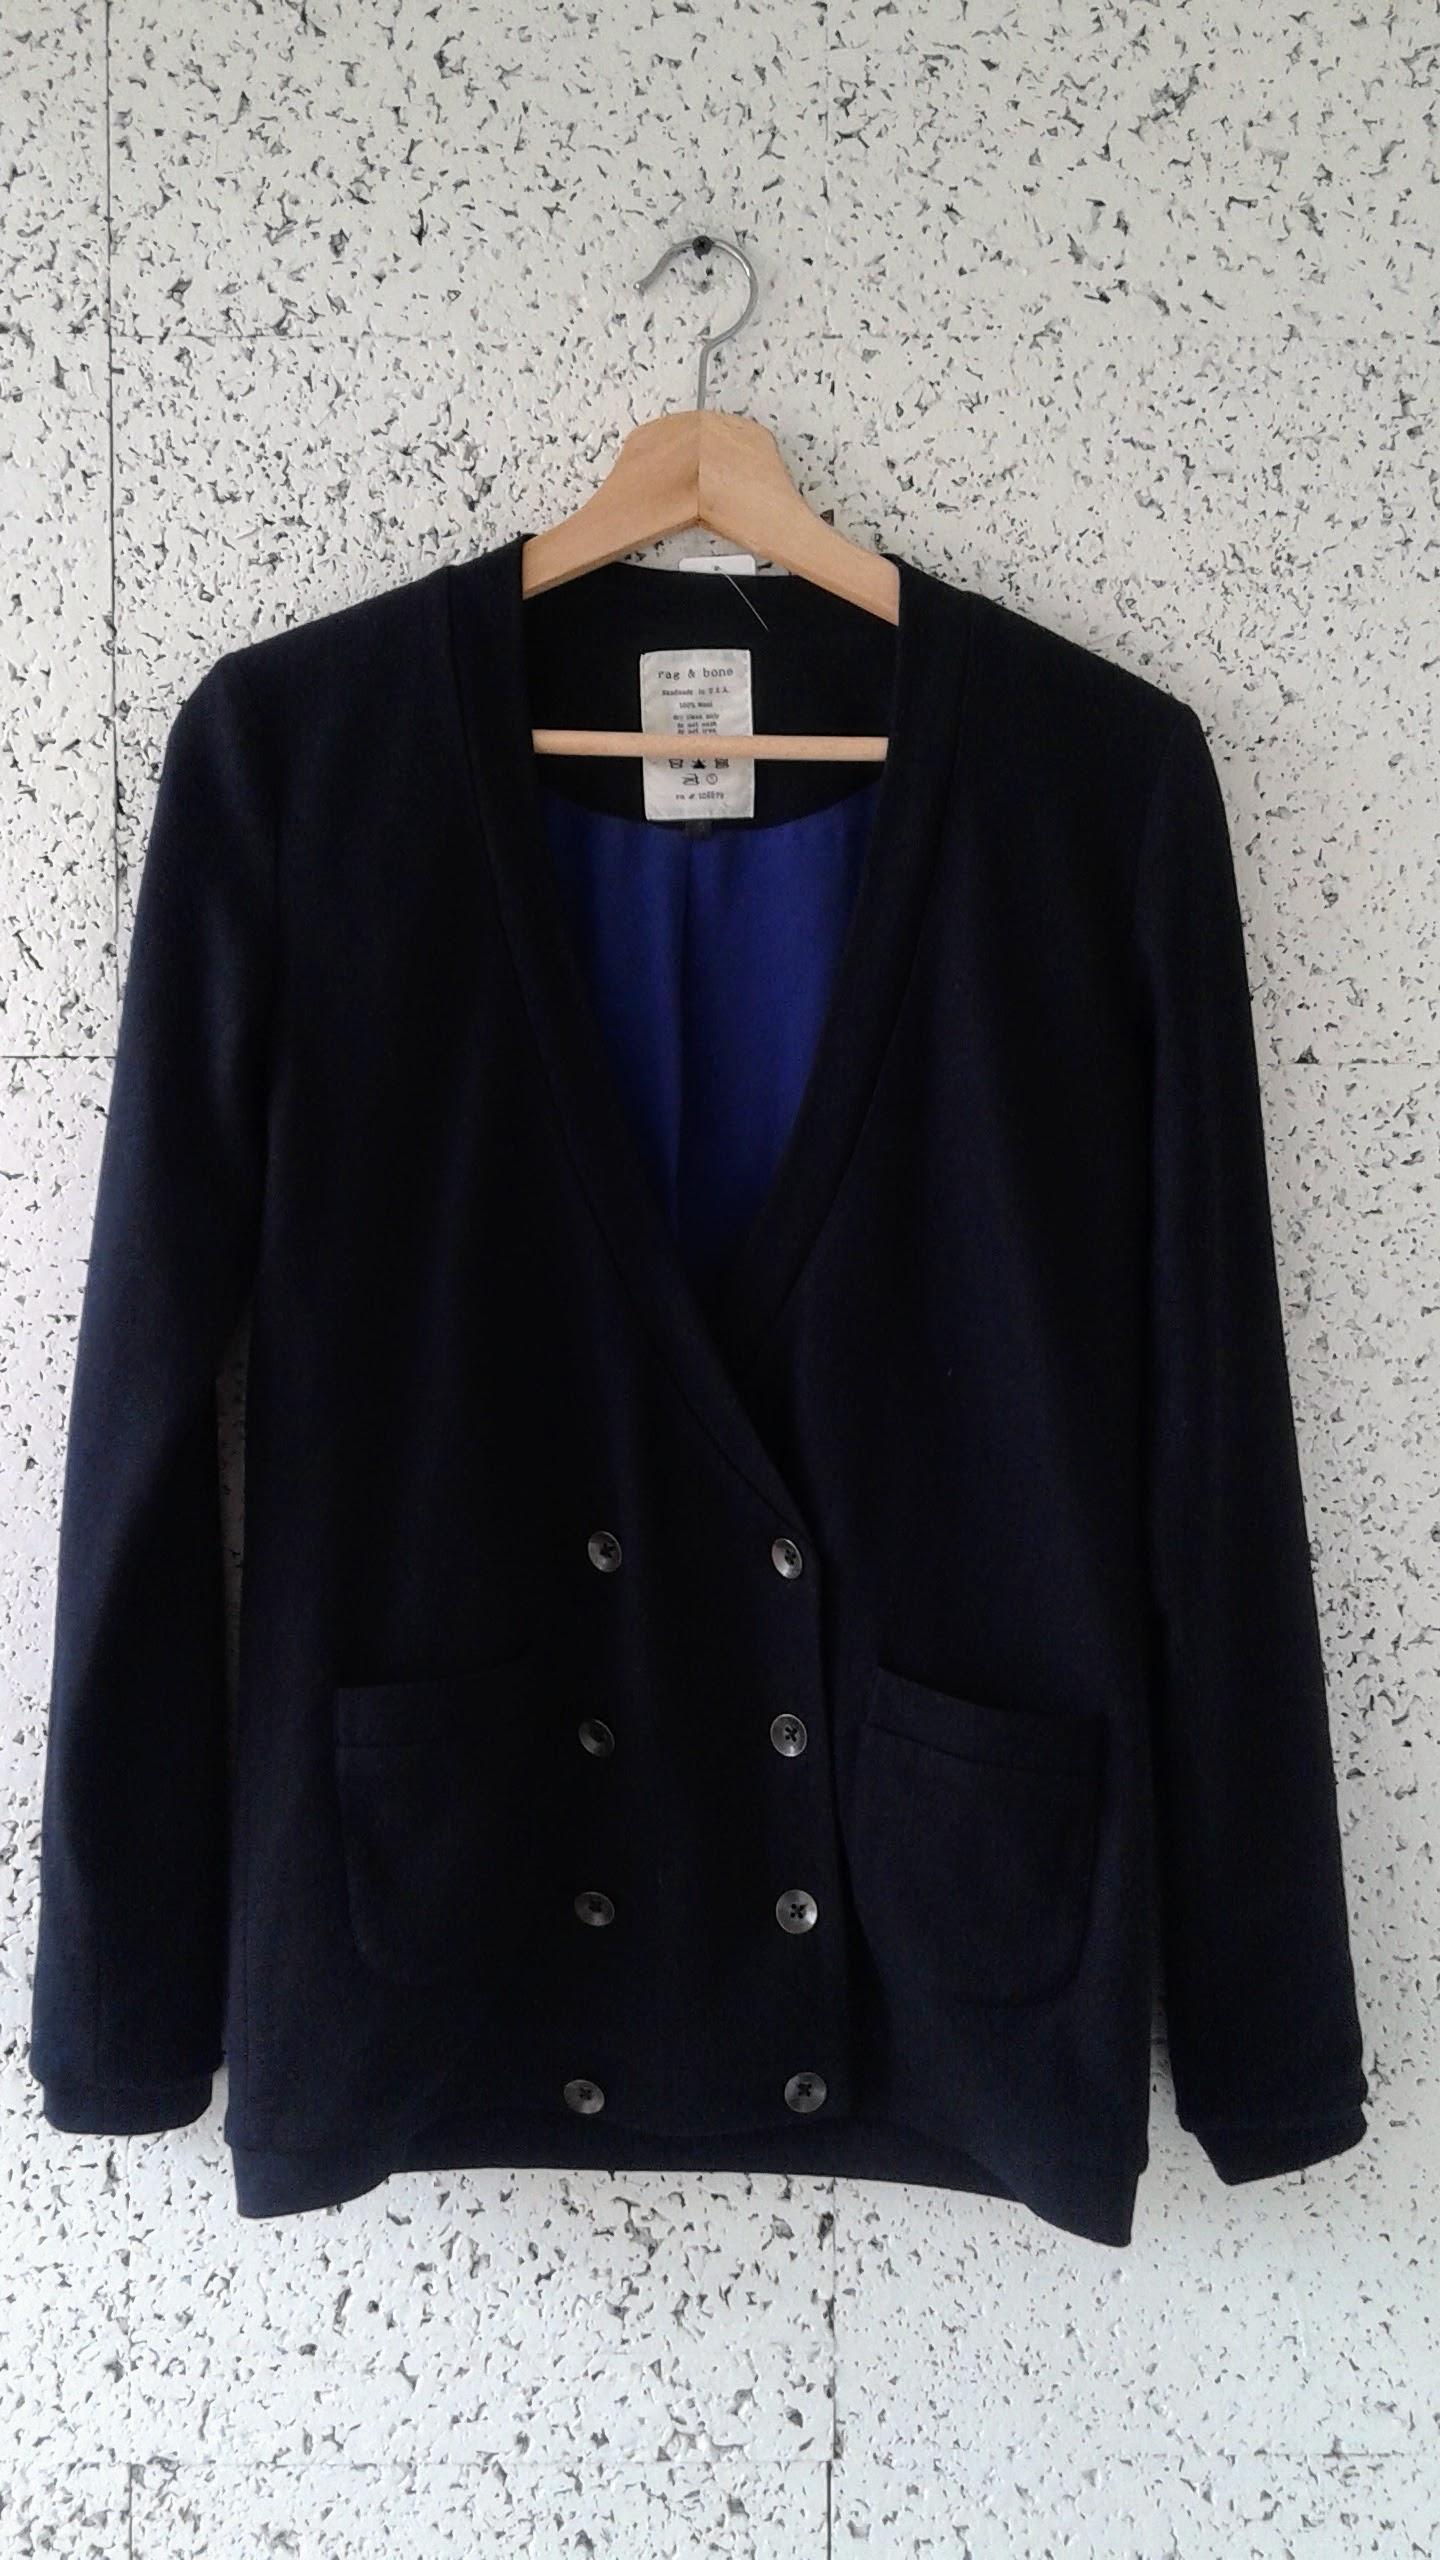 Rag & Bone blazer; Size S, $46